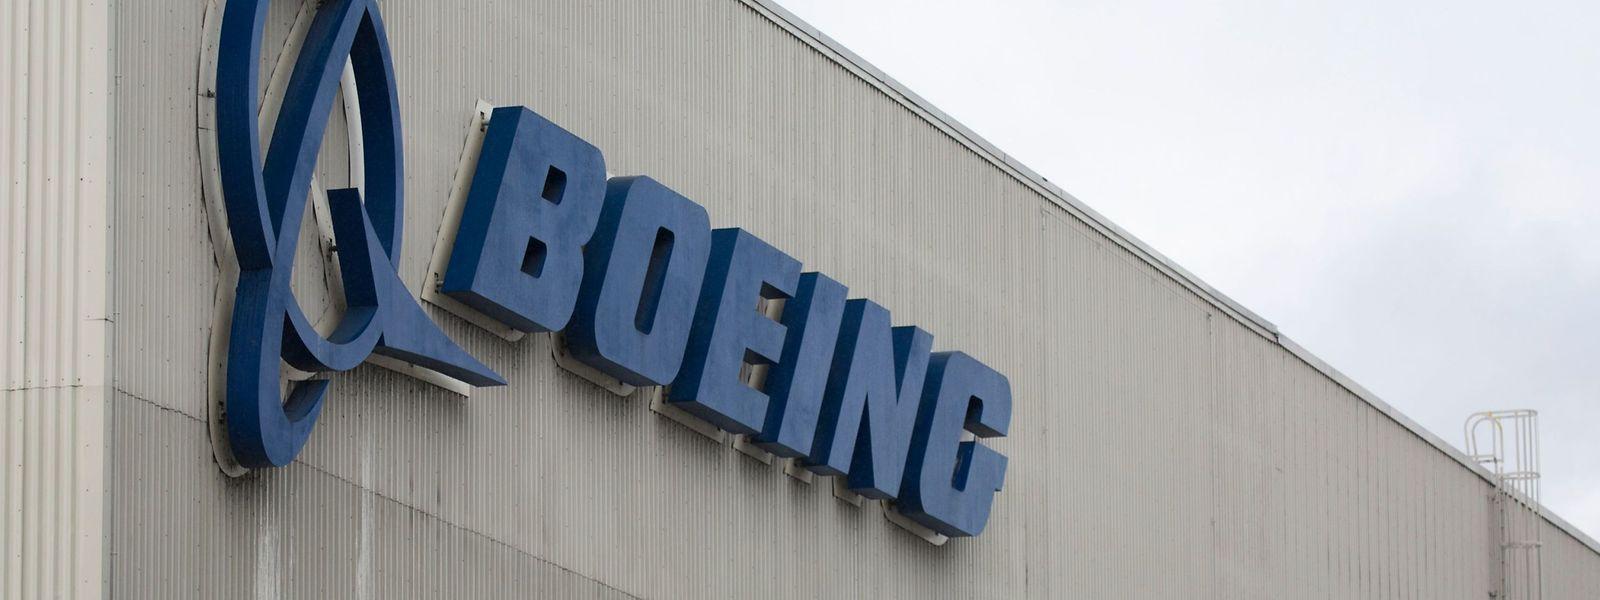 Boeing bezifferte die bisherigen Kosten durch die 737-Max-Probleme auf etwa eine Milliarde Euro.